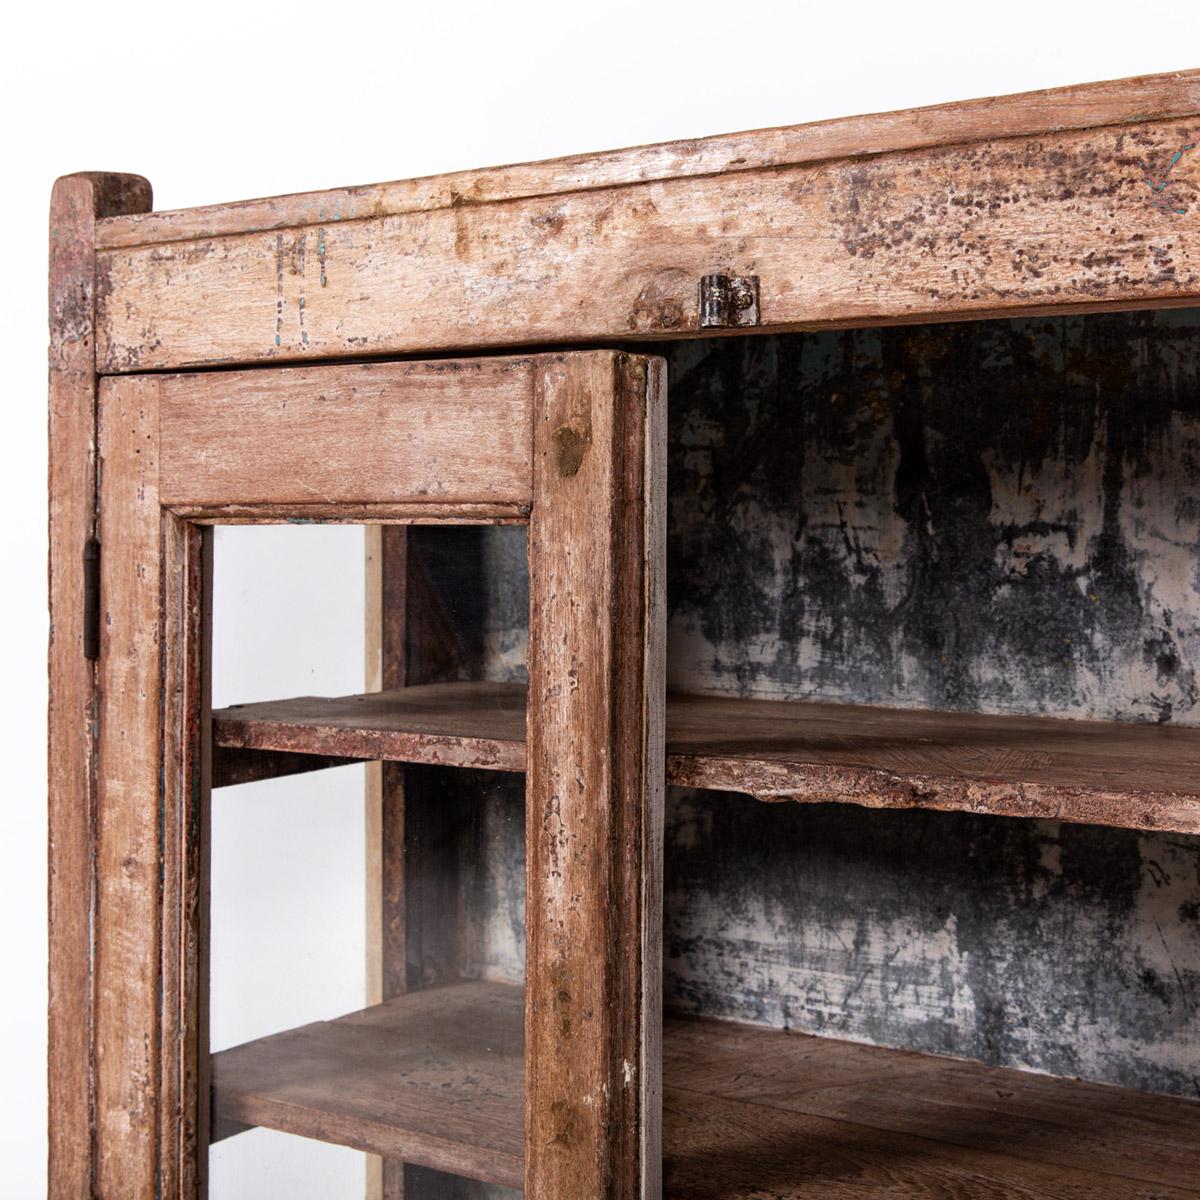 Lage-oude-glazen-kast-2-deuren-bruin-8